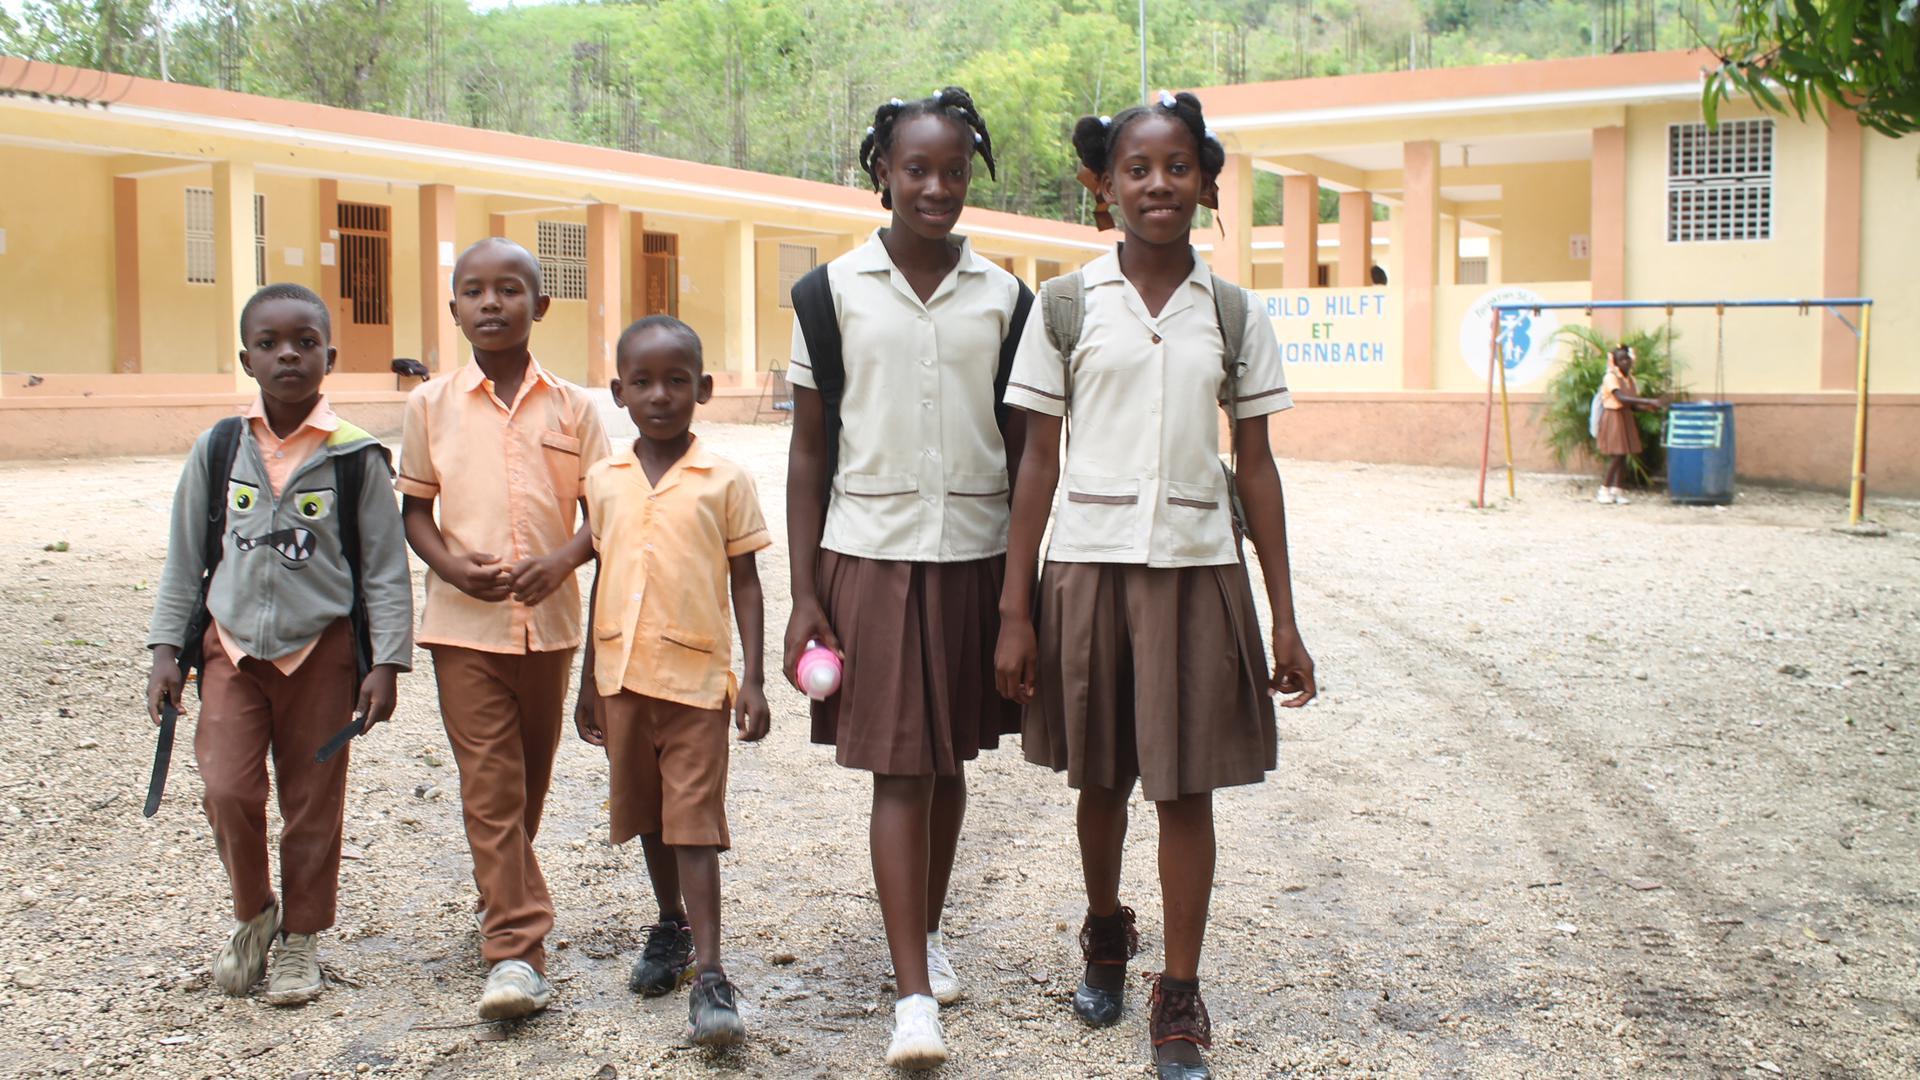 Die Kinder sind äußerst dankbar, dass ihnen die Möglichkeit geboten wird, eine Schule zu besuchen.